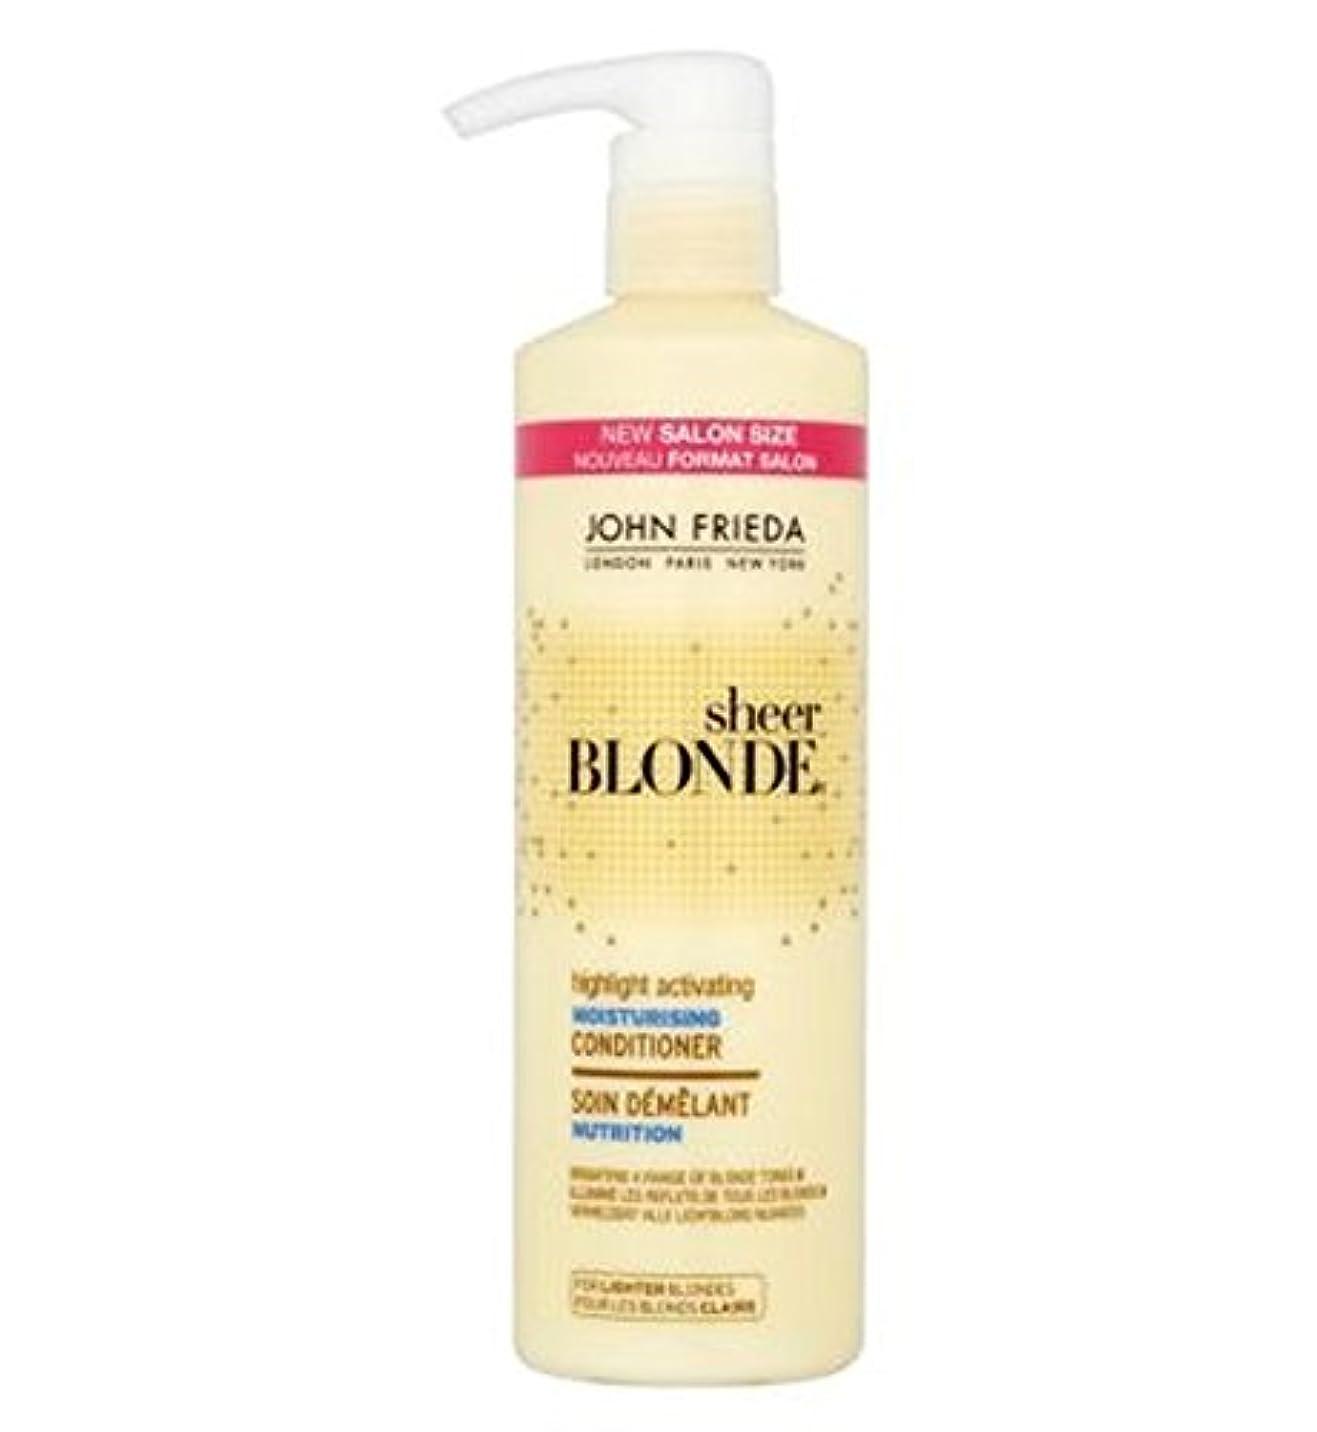 生む宣言カルシウムジョン?フリーダ薄手のブロンドのハイライト活性化保湿コンディショナー500ミリリットル (John Frieda) (x2) - John Frieda Sheer Blonde Highlight Activating...